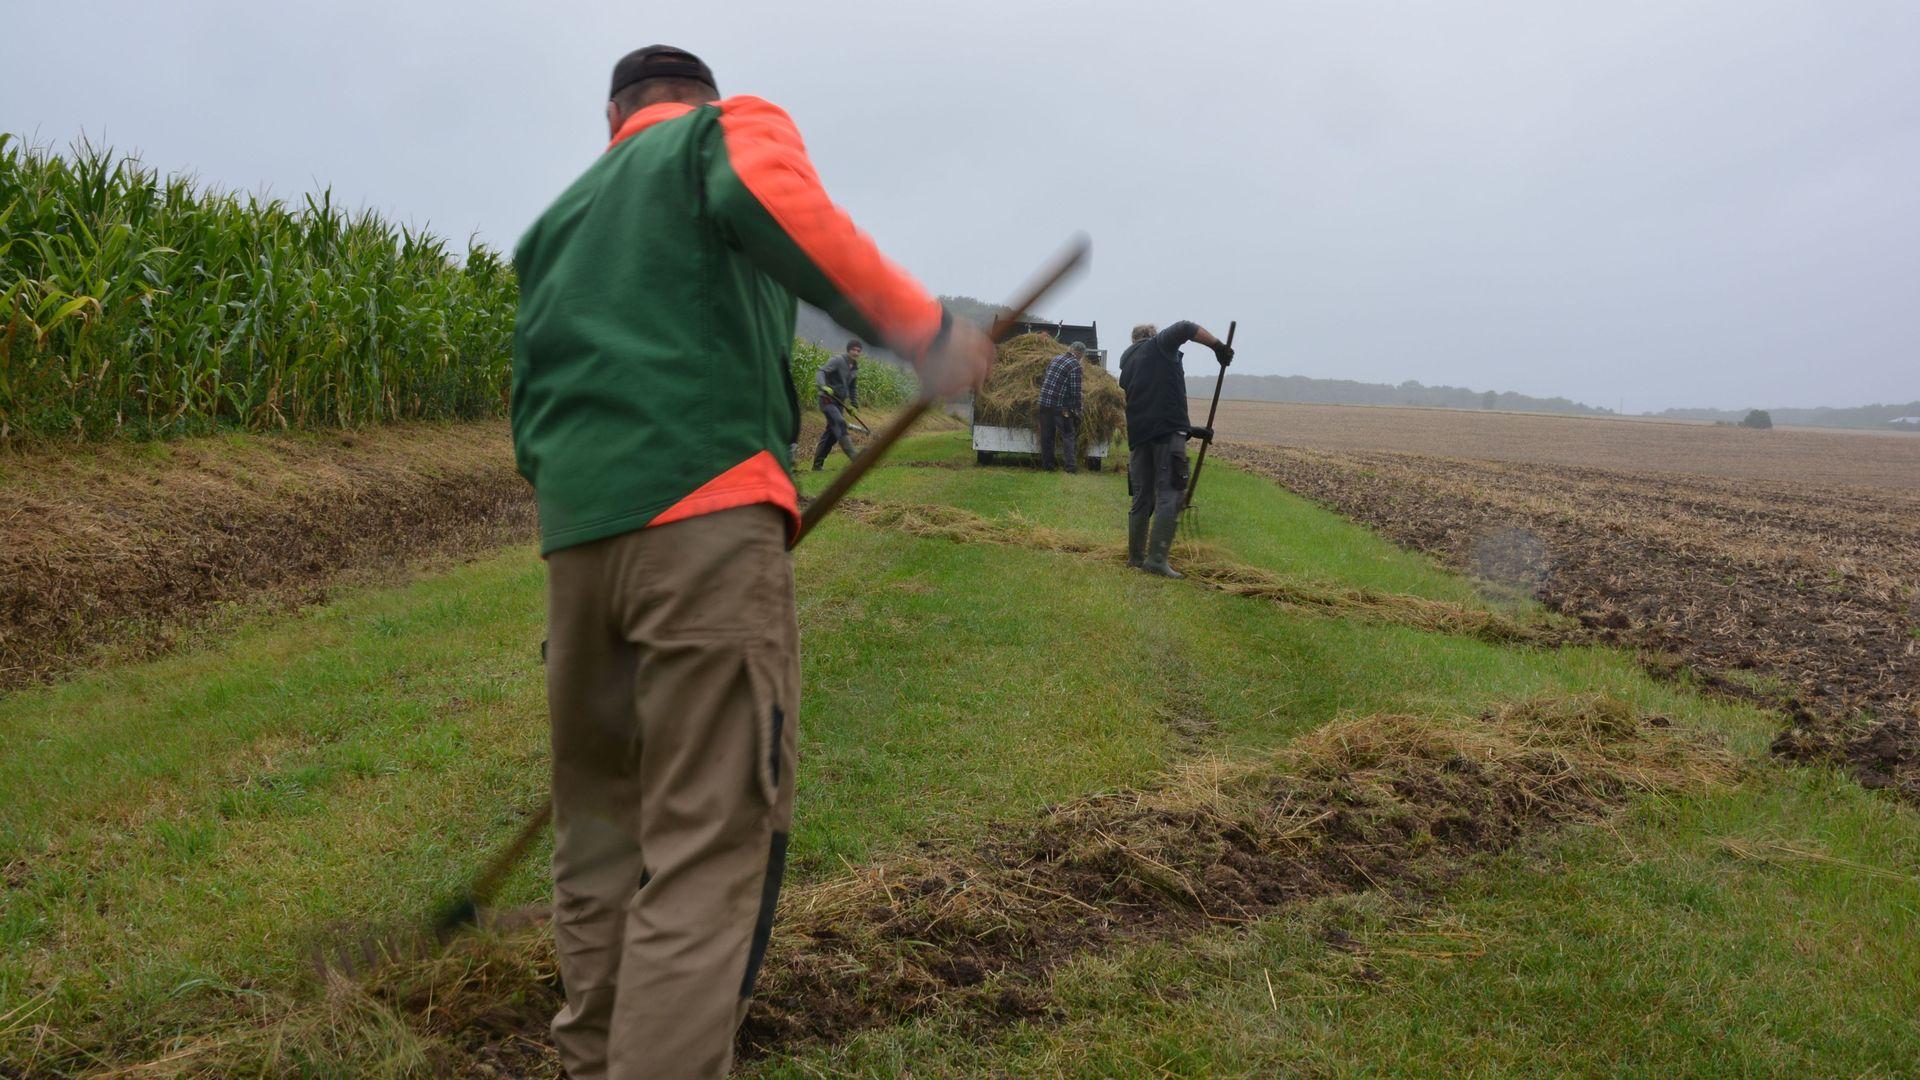 In schlangenförmigen Streifen trägt die Einsatzgruppe Naturschutz das Mahdgut an einem wenige Kilometer entfernten Weg wieder auf. Foto: wfc